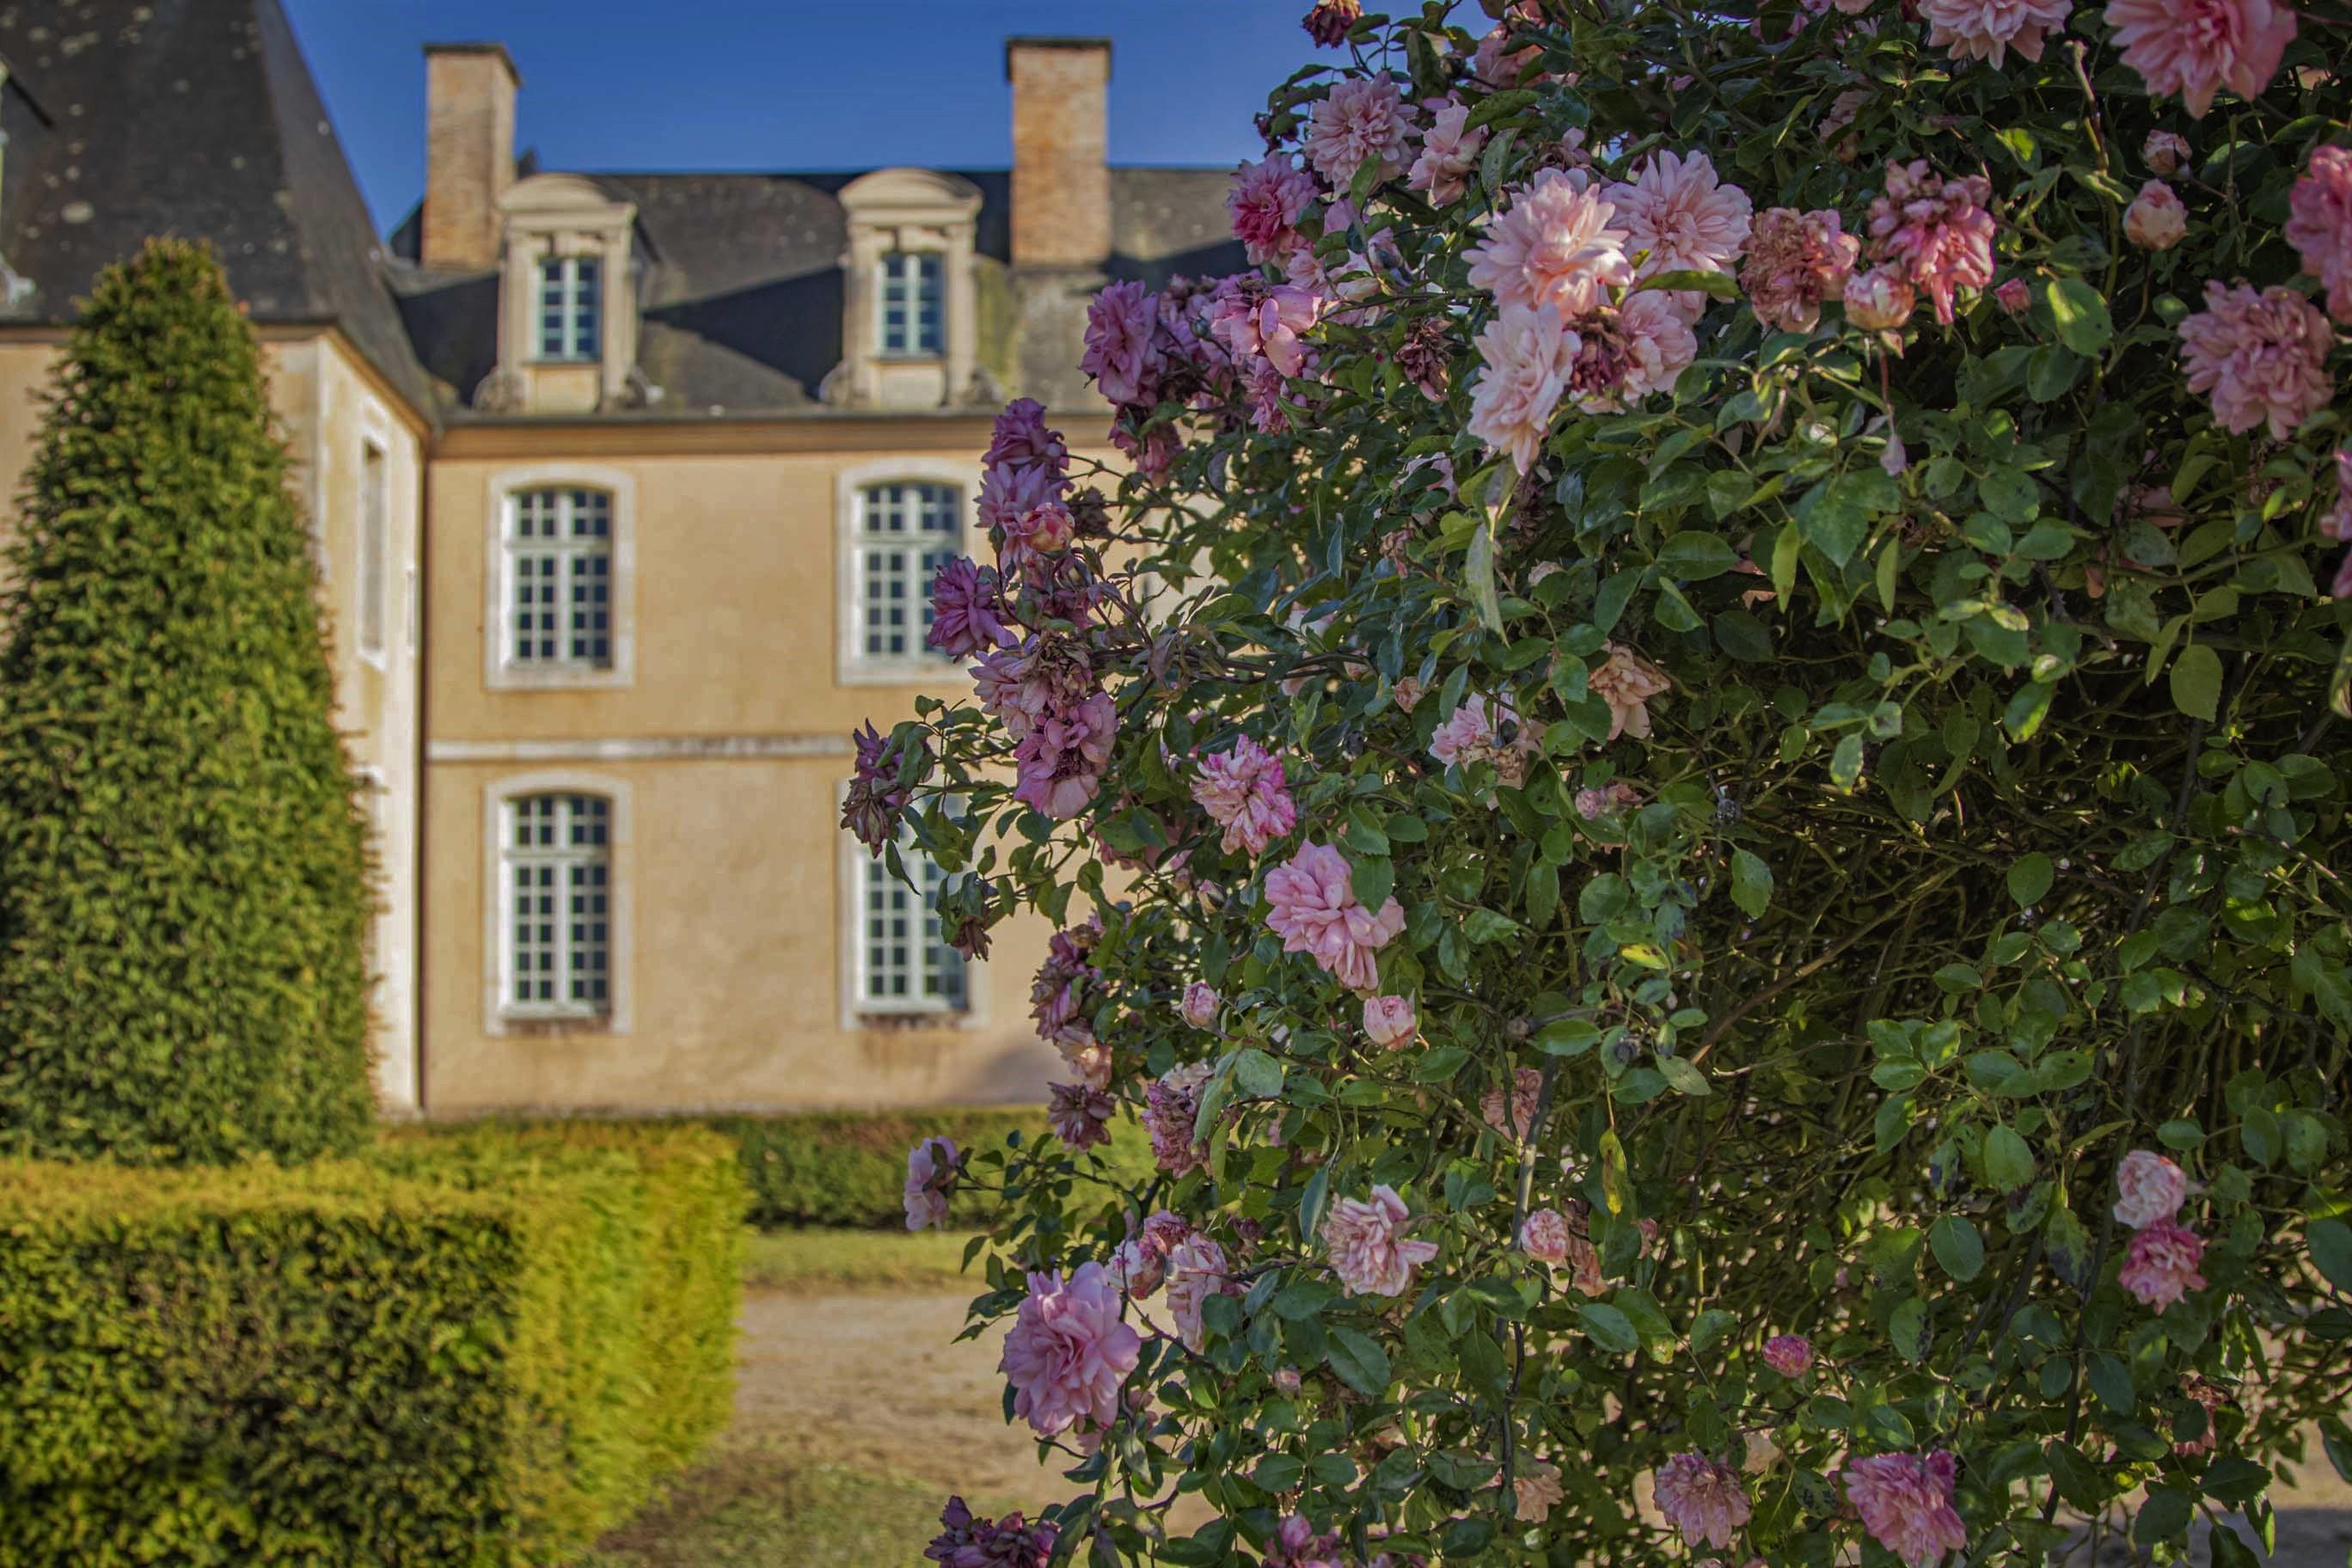 Le Chateau des Trophees - Location villa de luxe - Vallee de la Loire - ChicVillas - 11